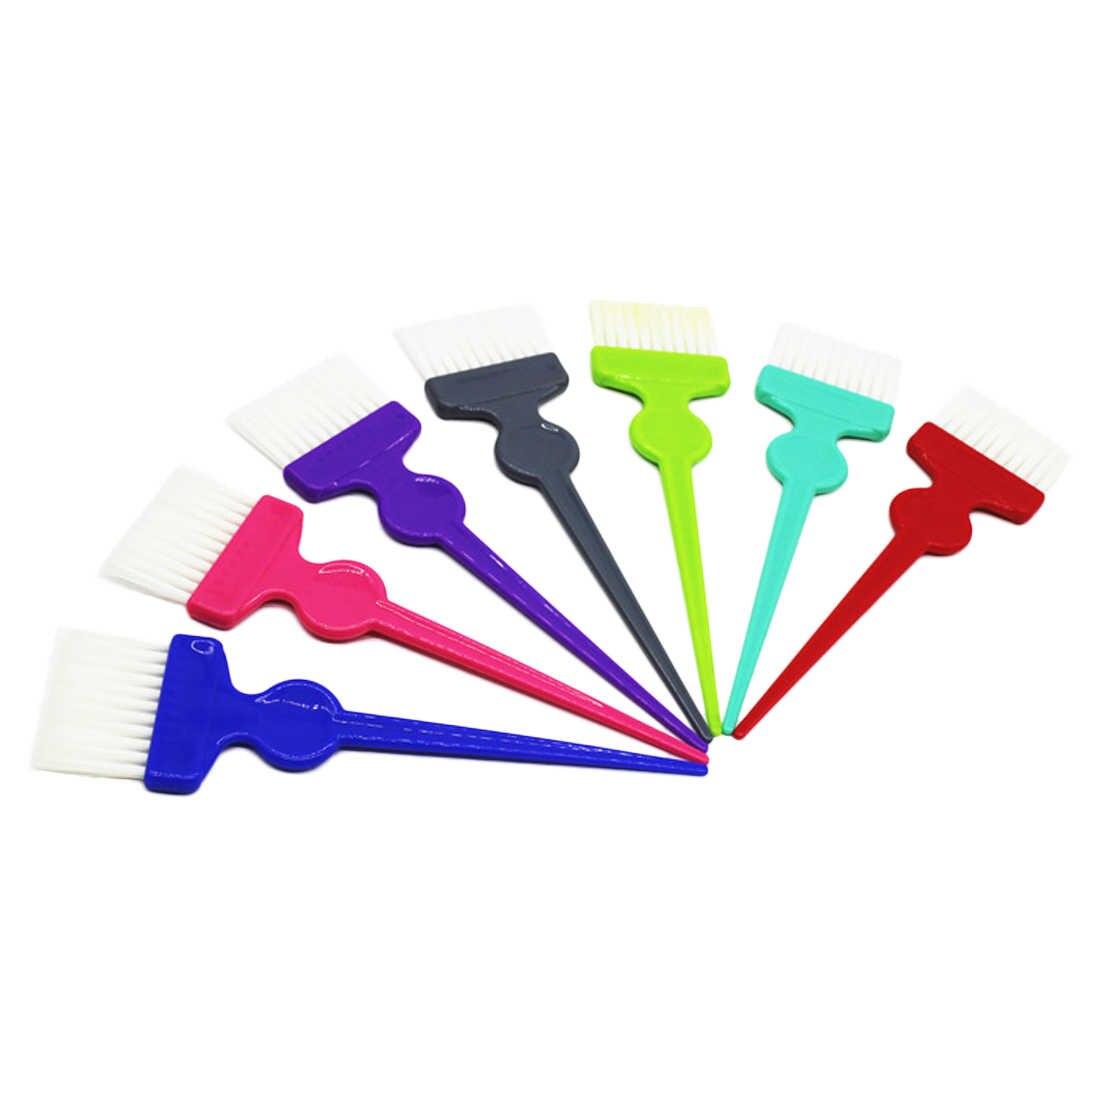 Профессиональный салон краска для волос Окраска кисти оттенок парикмахерские инструменты для укладки щетка для волос умирает инструмент двусторонняя для парикмахера